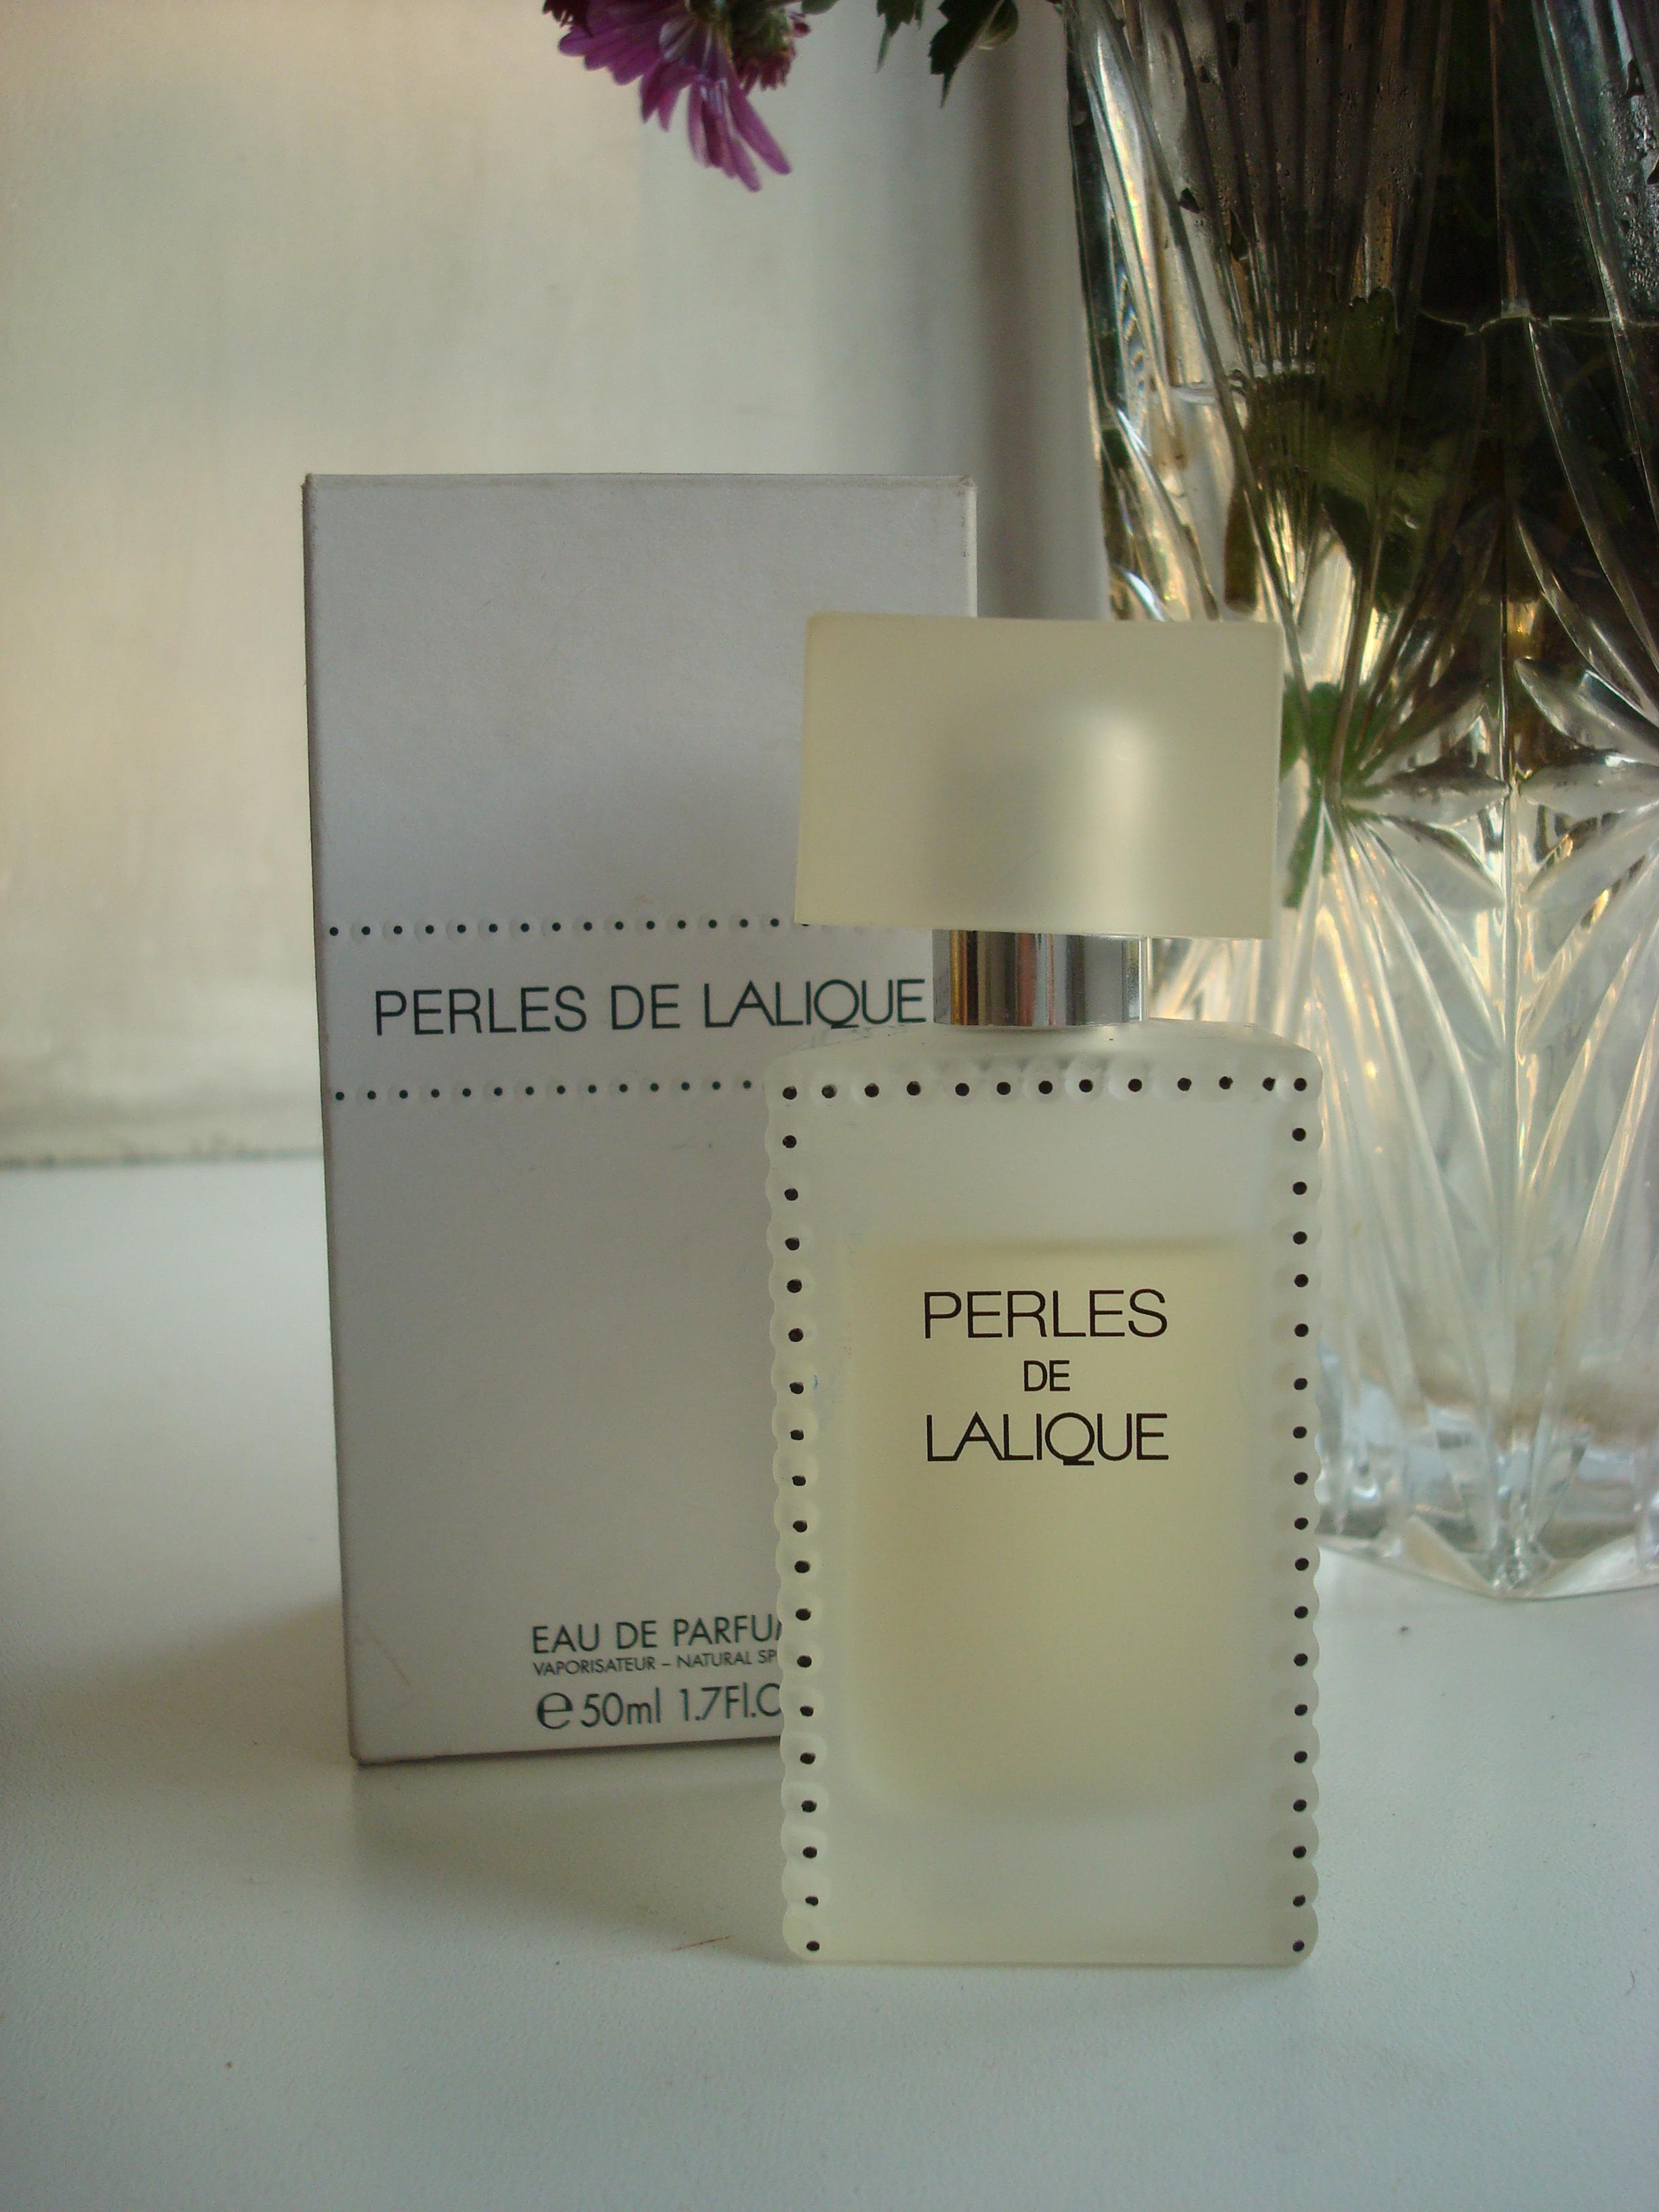 Парфюм дня - Perles De Lalique